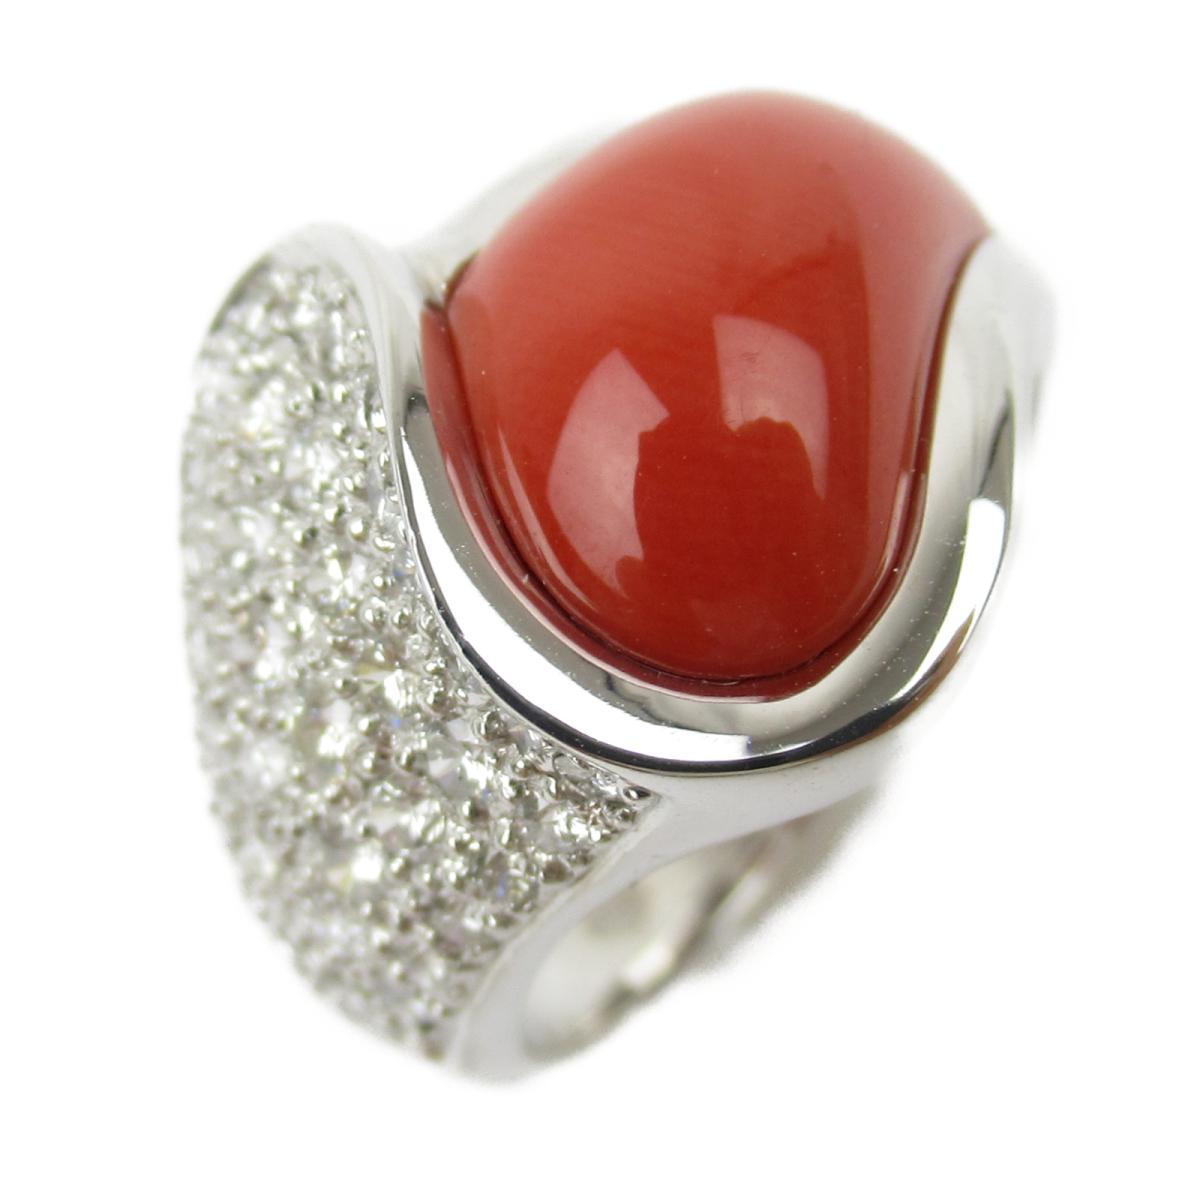 ジュエリー サンゴダイヤモンド リング 指輪 ノーブランドジュエリー レディース K18WG (750) ホワイトゴールド x サンゴ ダイヤモンド0.59ct 【中古】 | JEWELRY BRANDOFF ブランドオフ アクセサリー